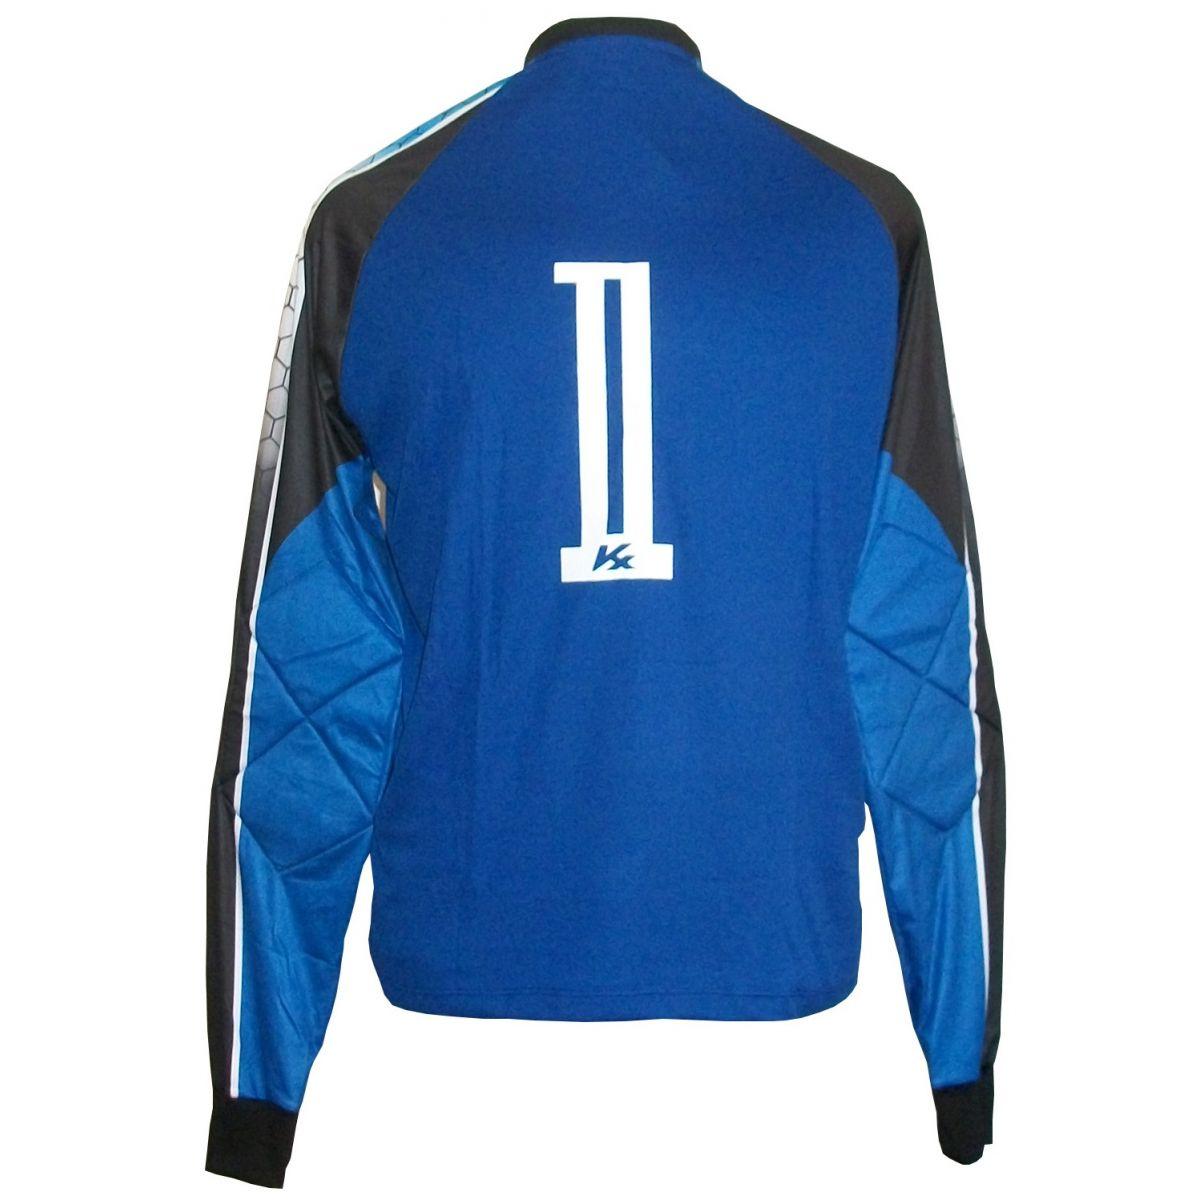 Camisa de Goleiro Profissional modelo Paraí Tam G Nº 1 - Azul Royal/Preto - Kanxa